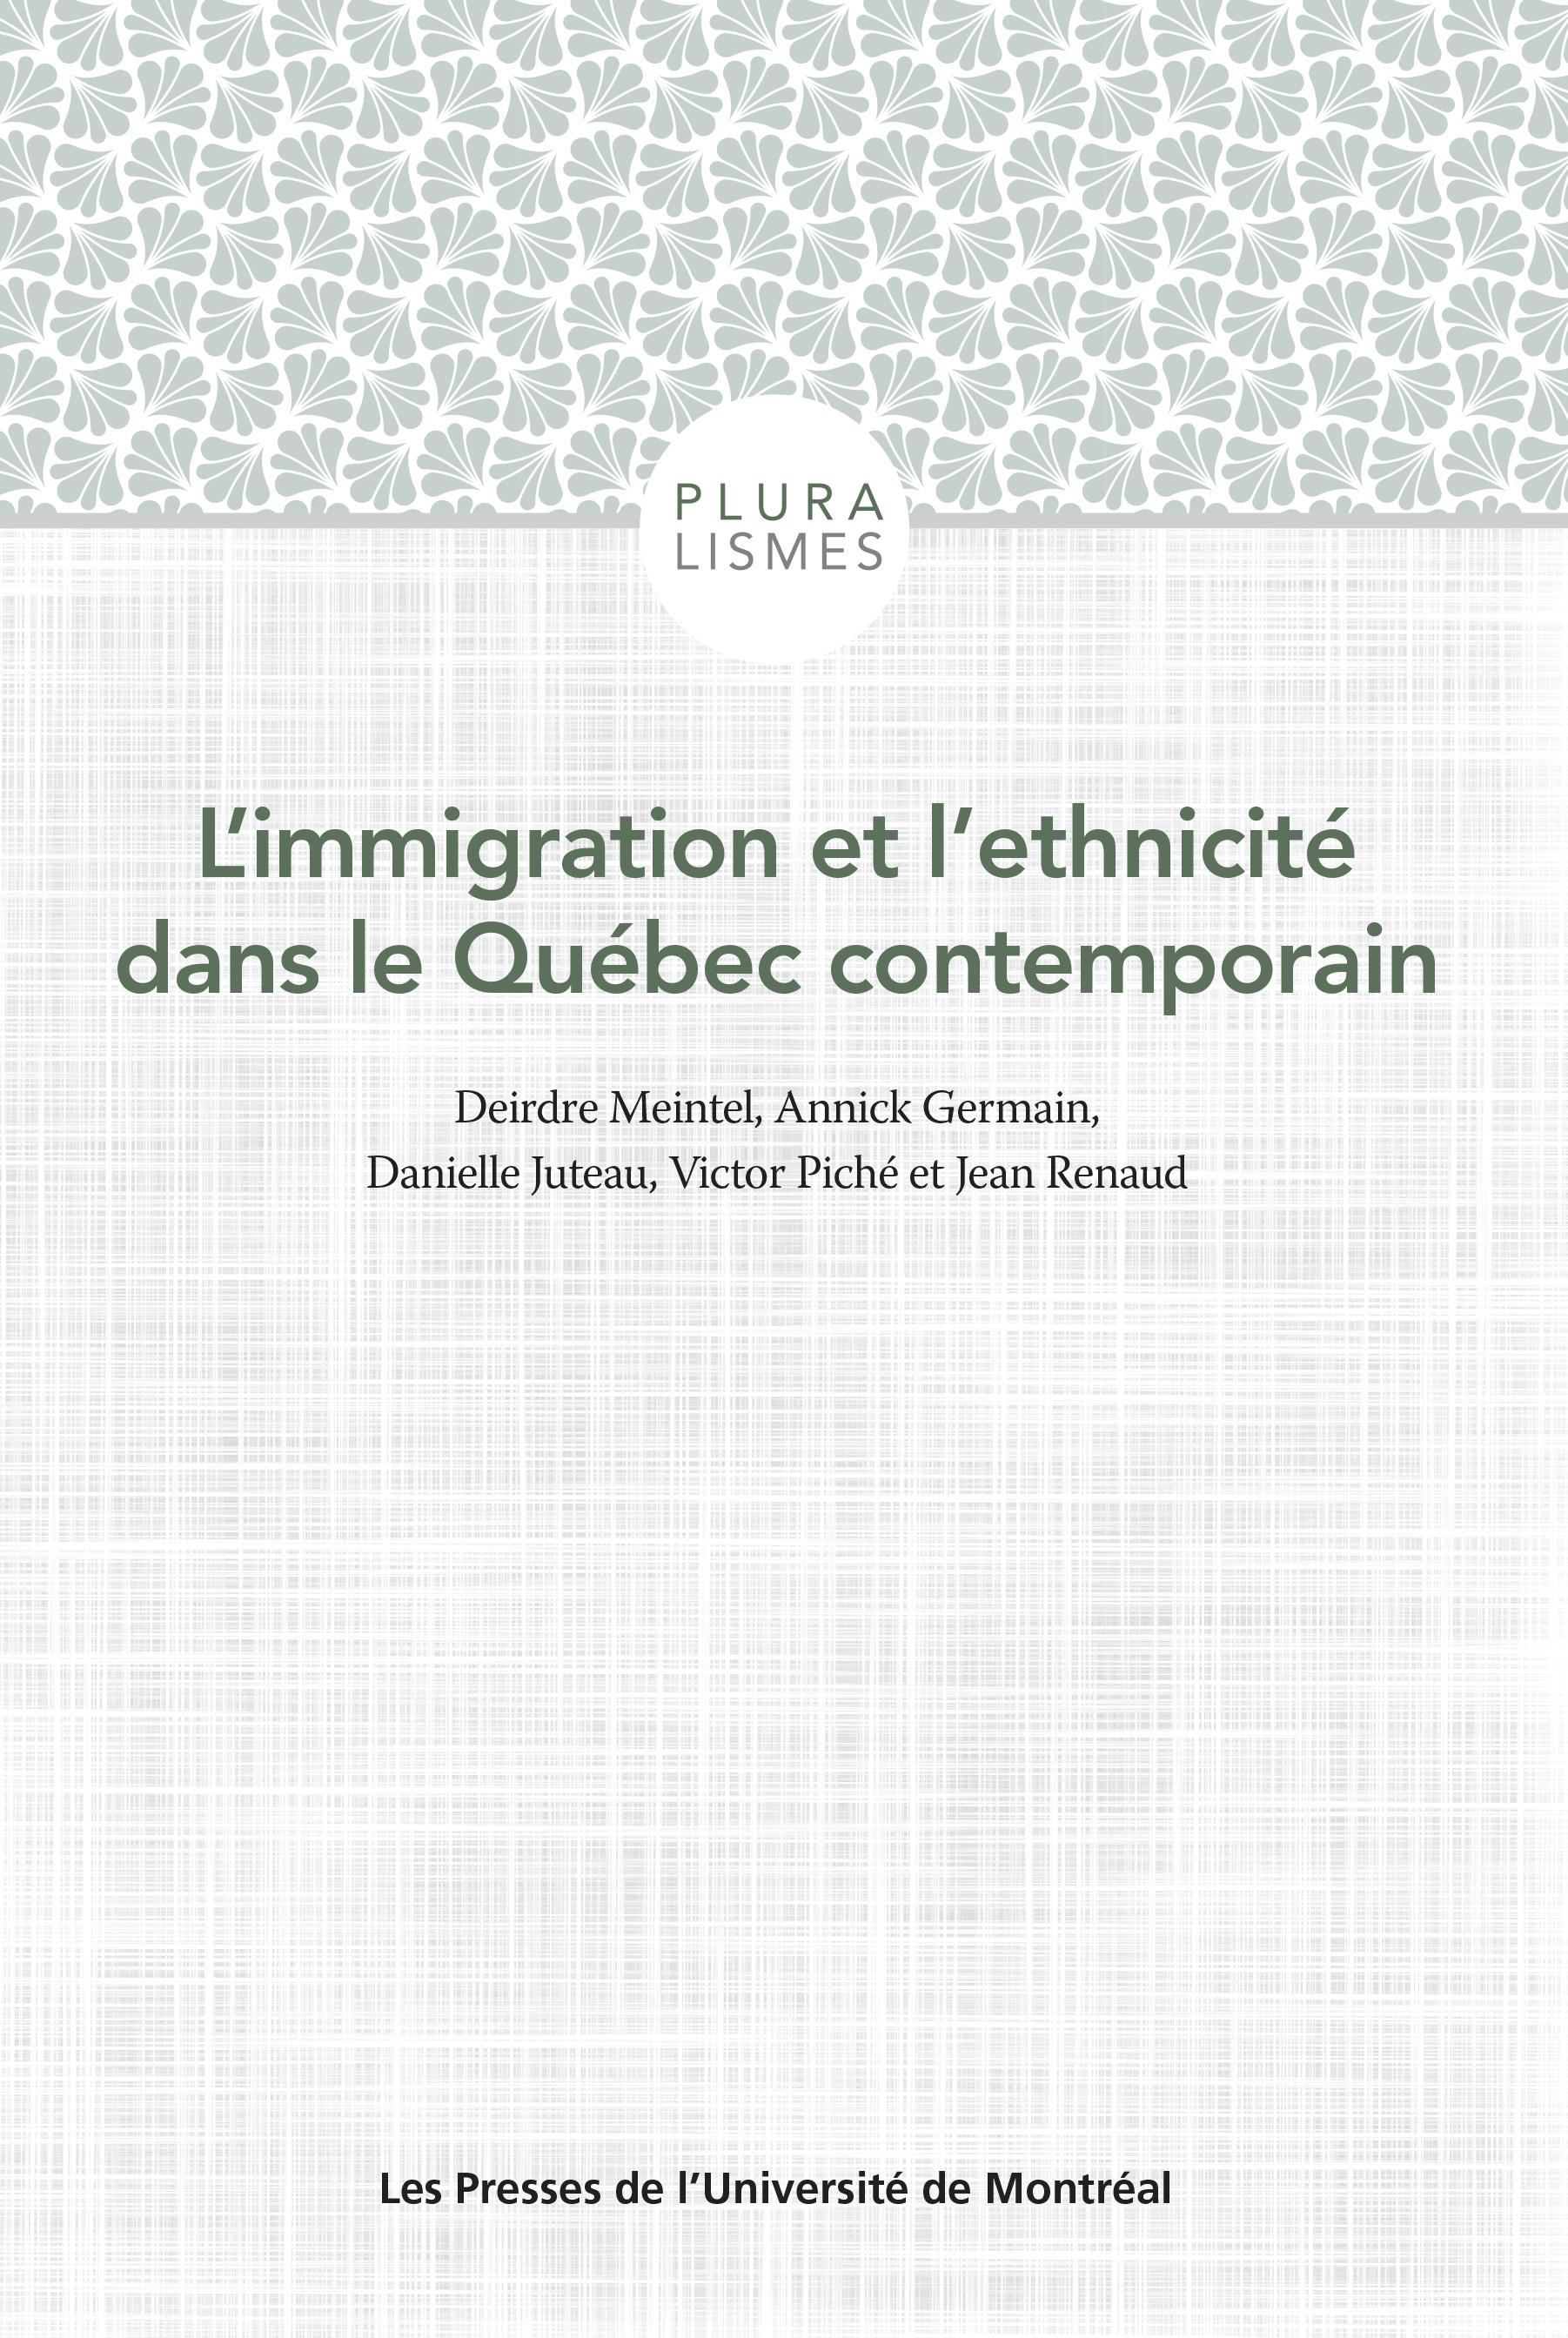 L'immigration et l'ethnicité dans le Québec contemporain